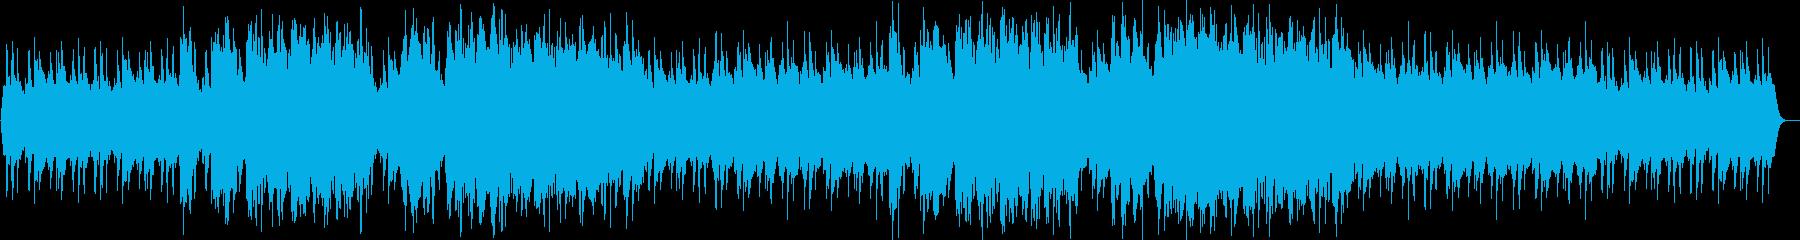 不気味なシンセ・オルガンサウンドの再生済みの波形